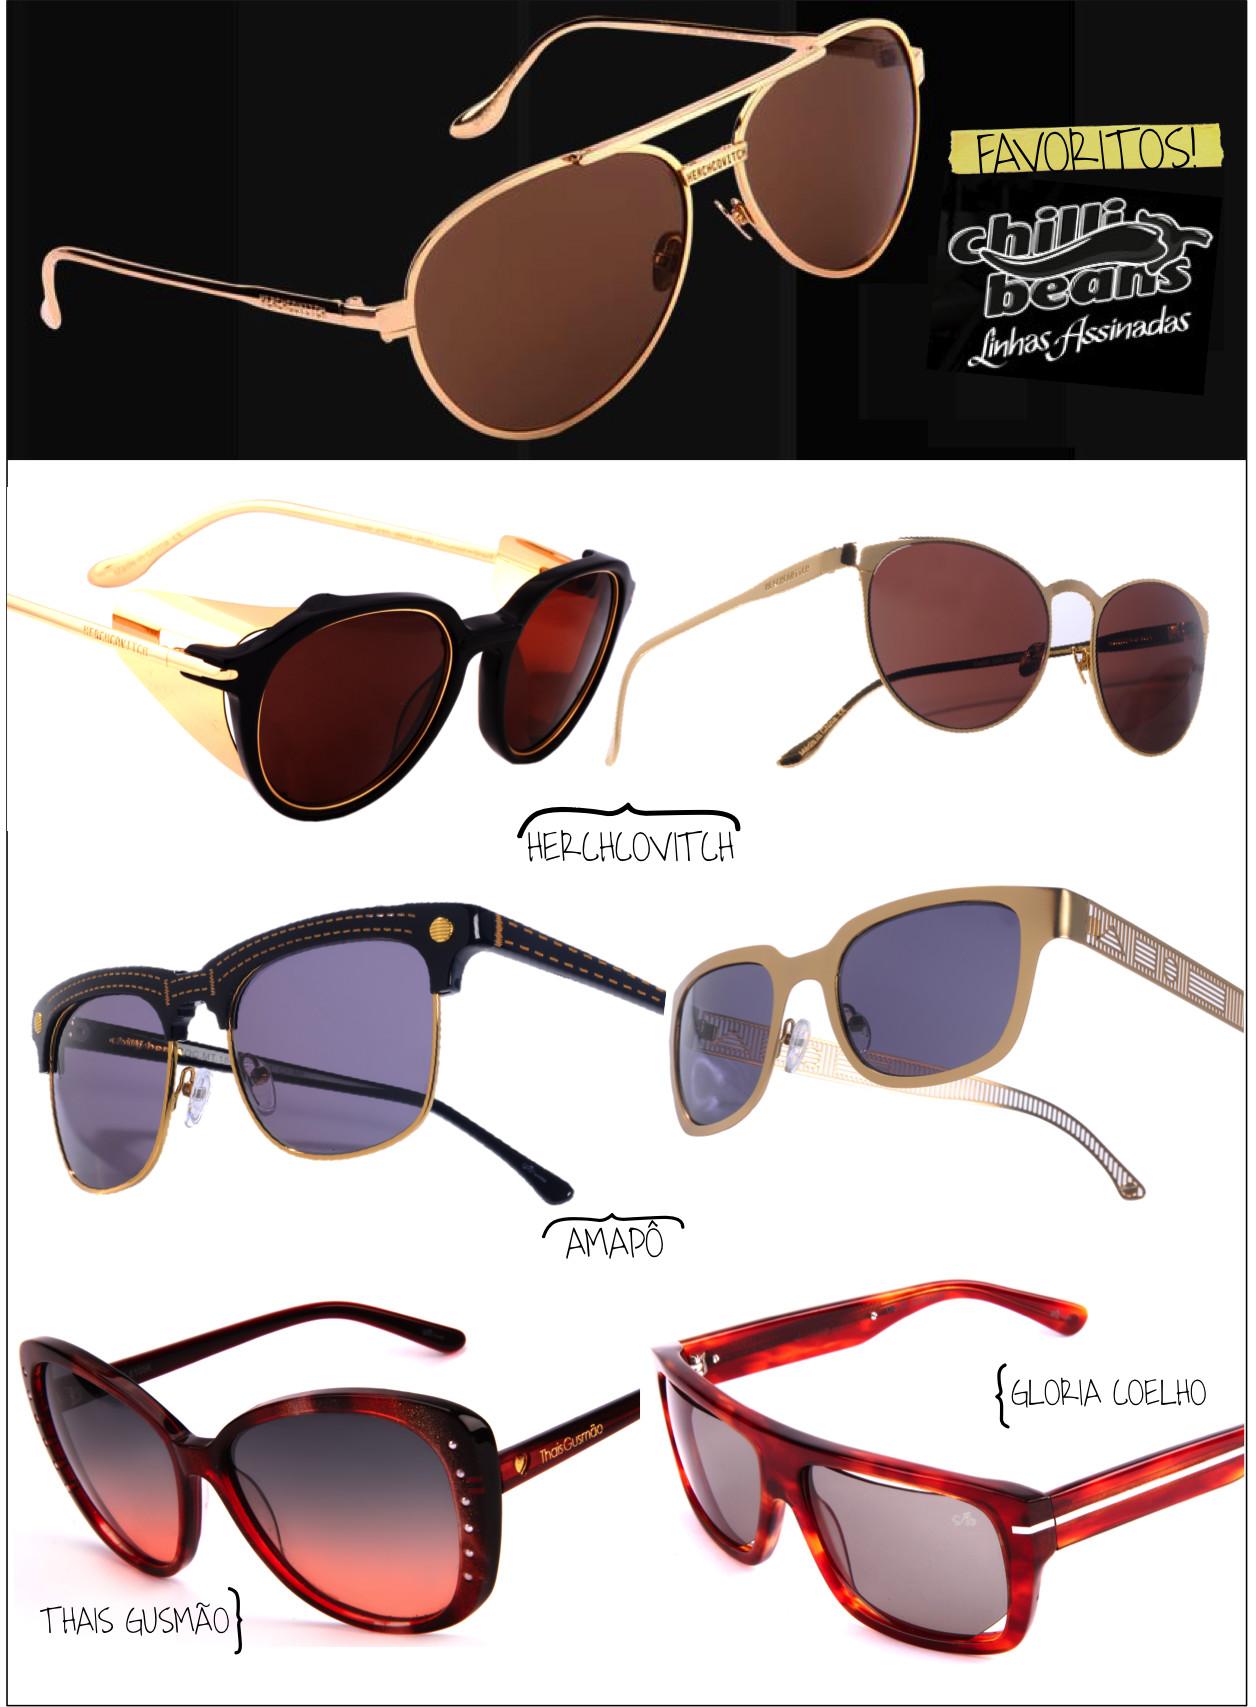 d23a6c23e09a5 Chilli Beans Oculos De Sol 2013 - Mike Simmons